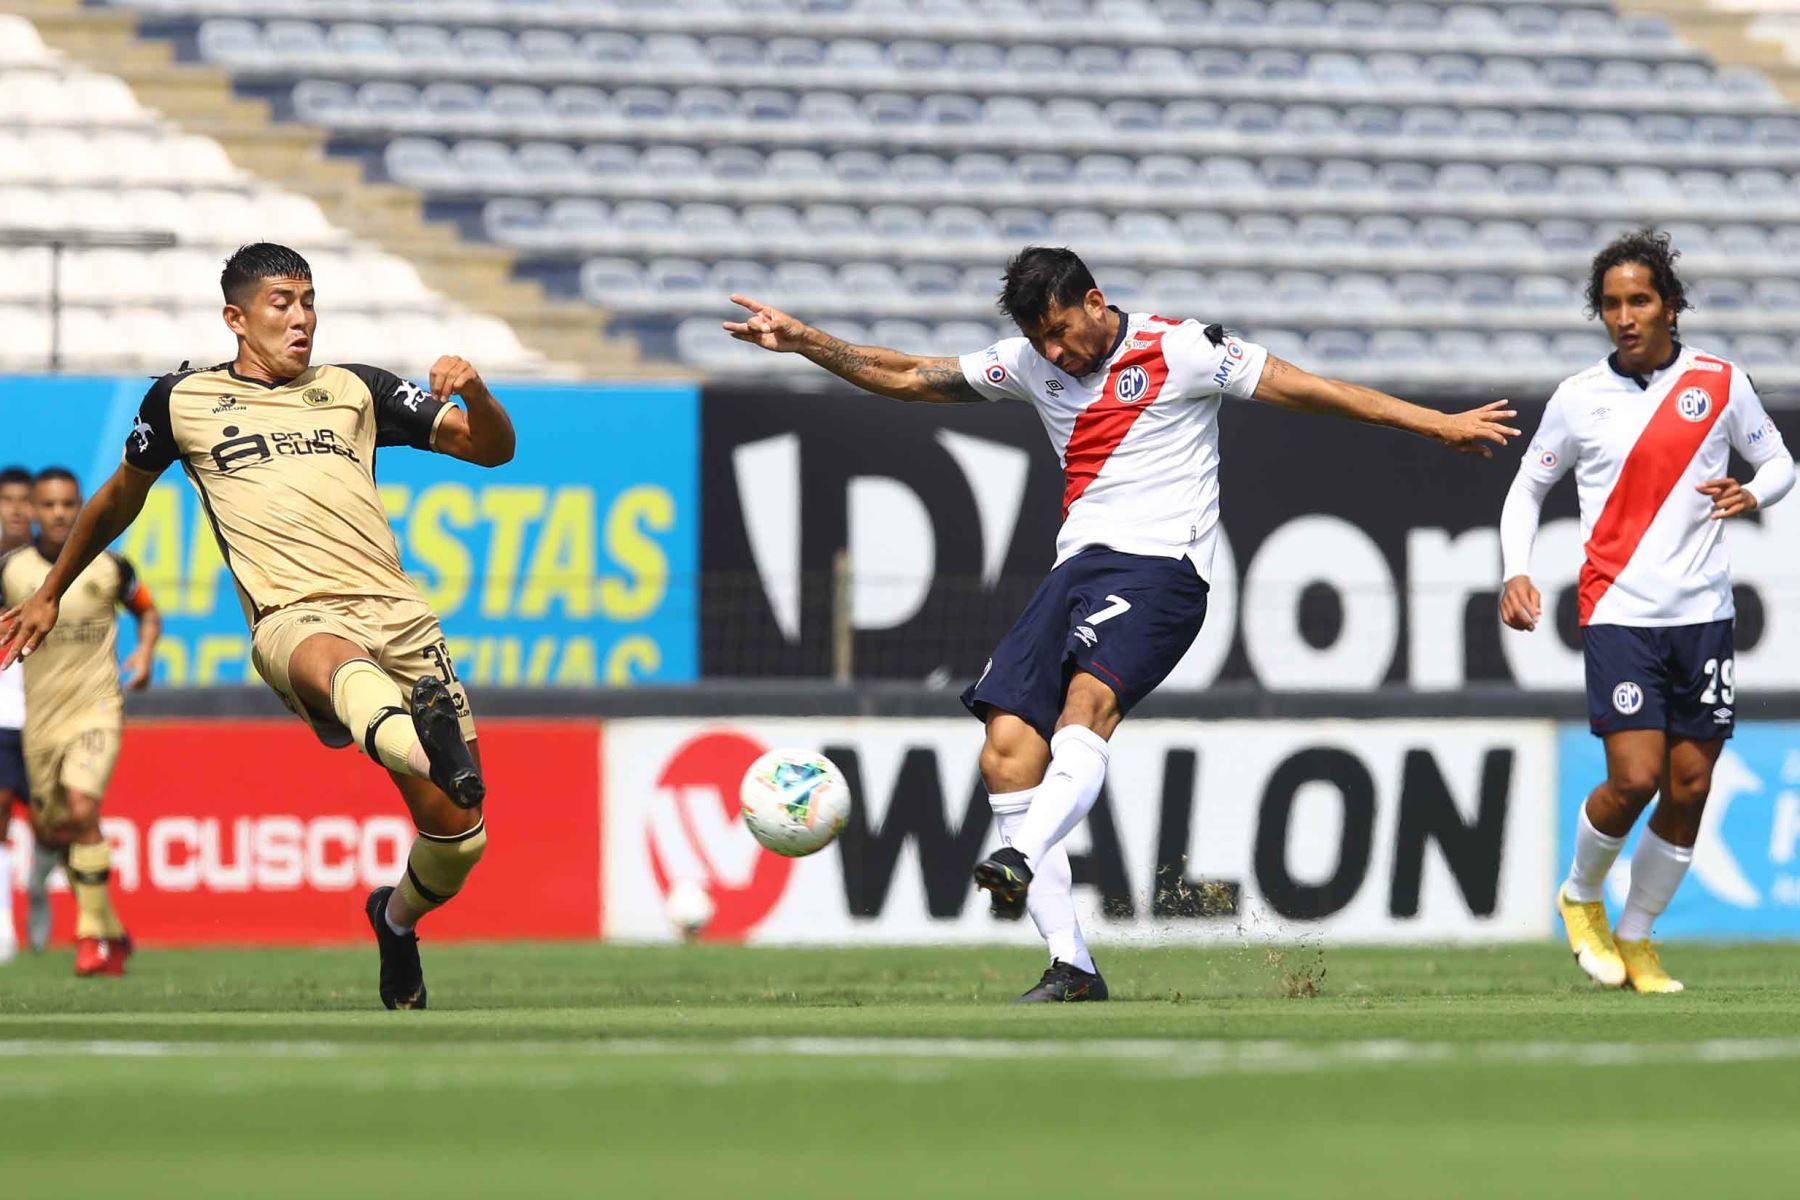 M. Valverde de D. Municipal  disputa  el balón ante el jugador de  F.C Cusco durante partido por la fecha 8 de la Liga 1, en el estadio Alejandro Villanueva. Foto: Liga 1